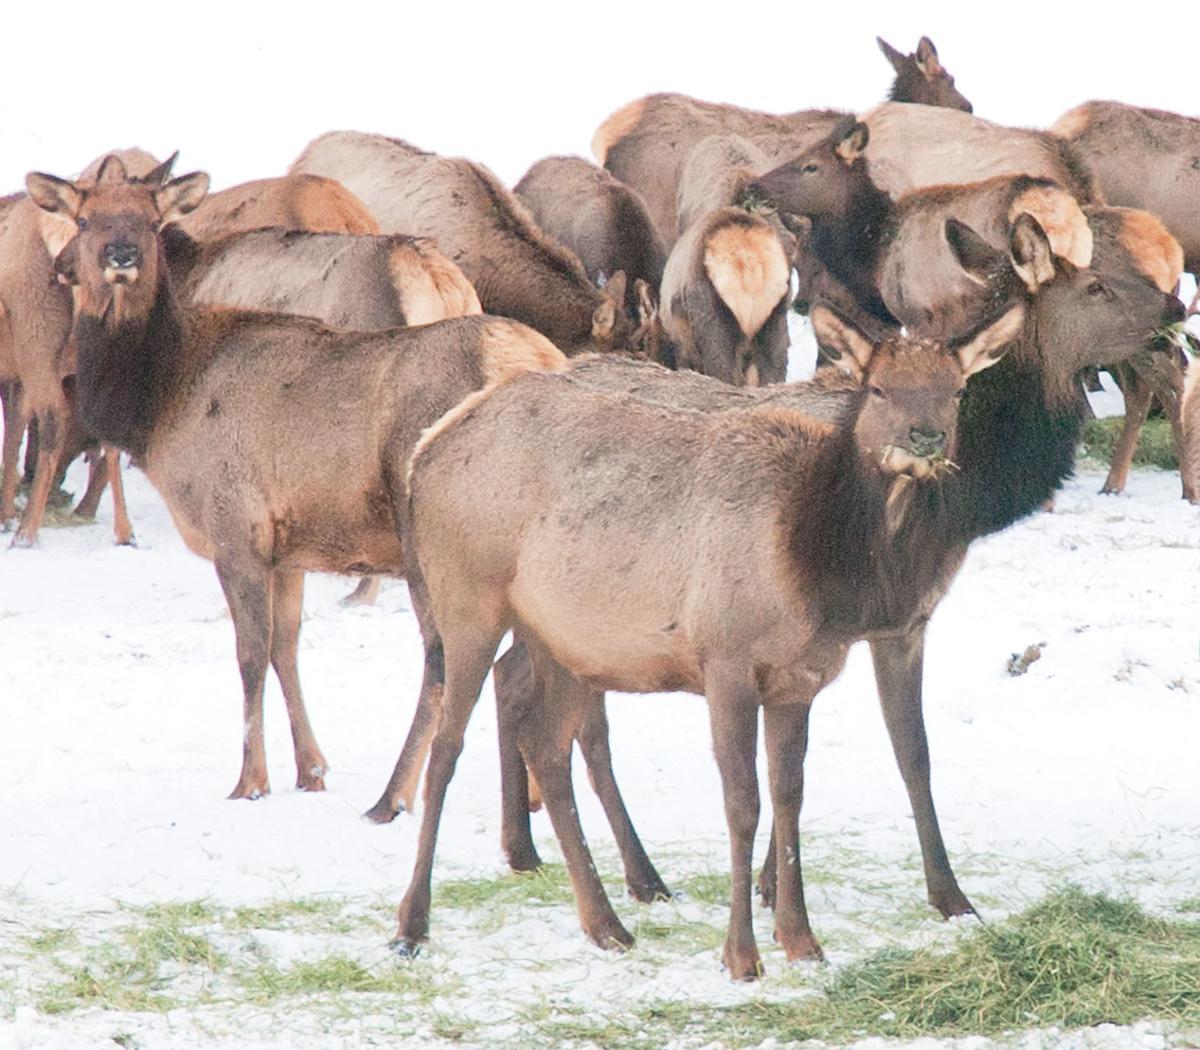 120619-REC_Elk-Cows@ElkhornSite-91_jcFile.jpg